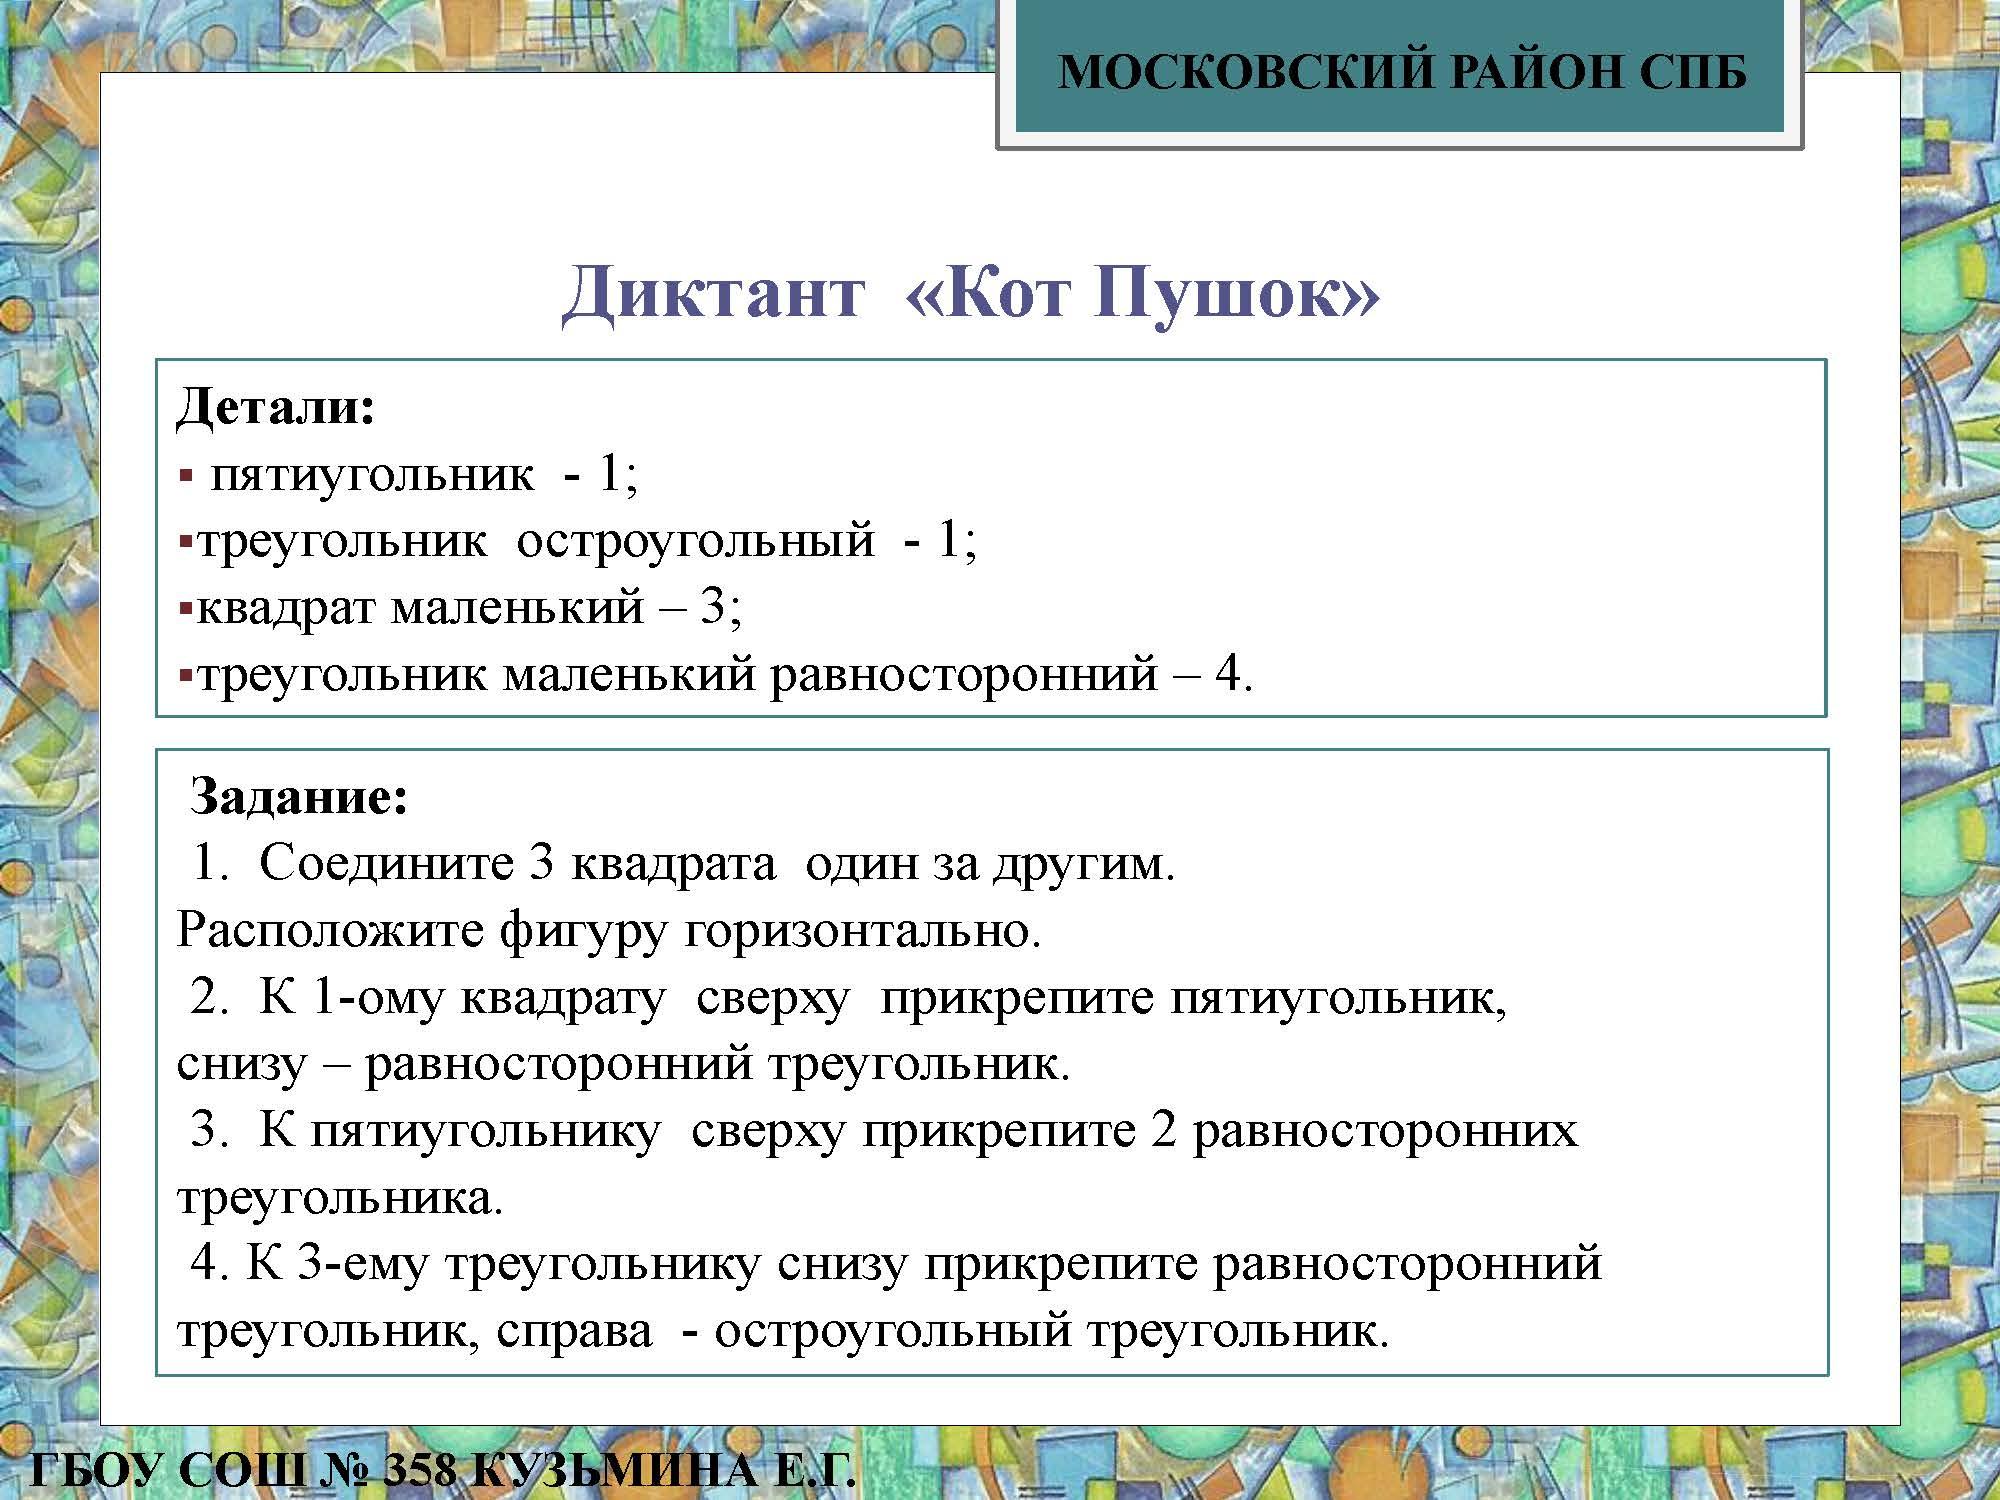 секция 8. ОУ 358. ТИКО. Московский район_Страница_08